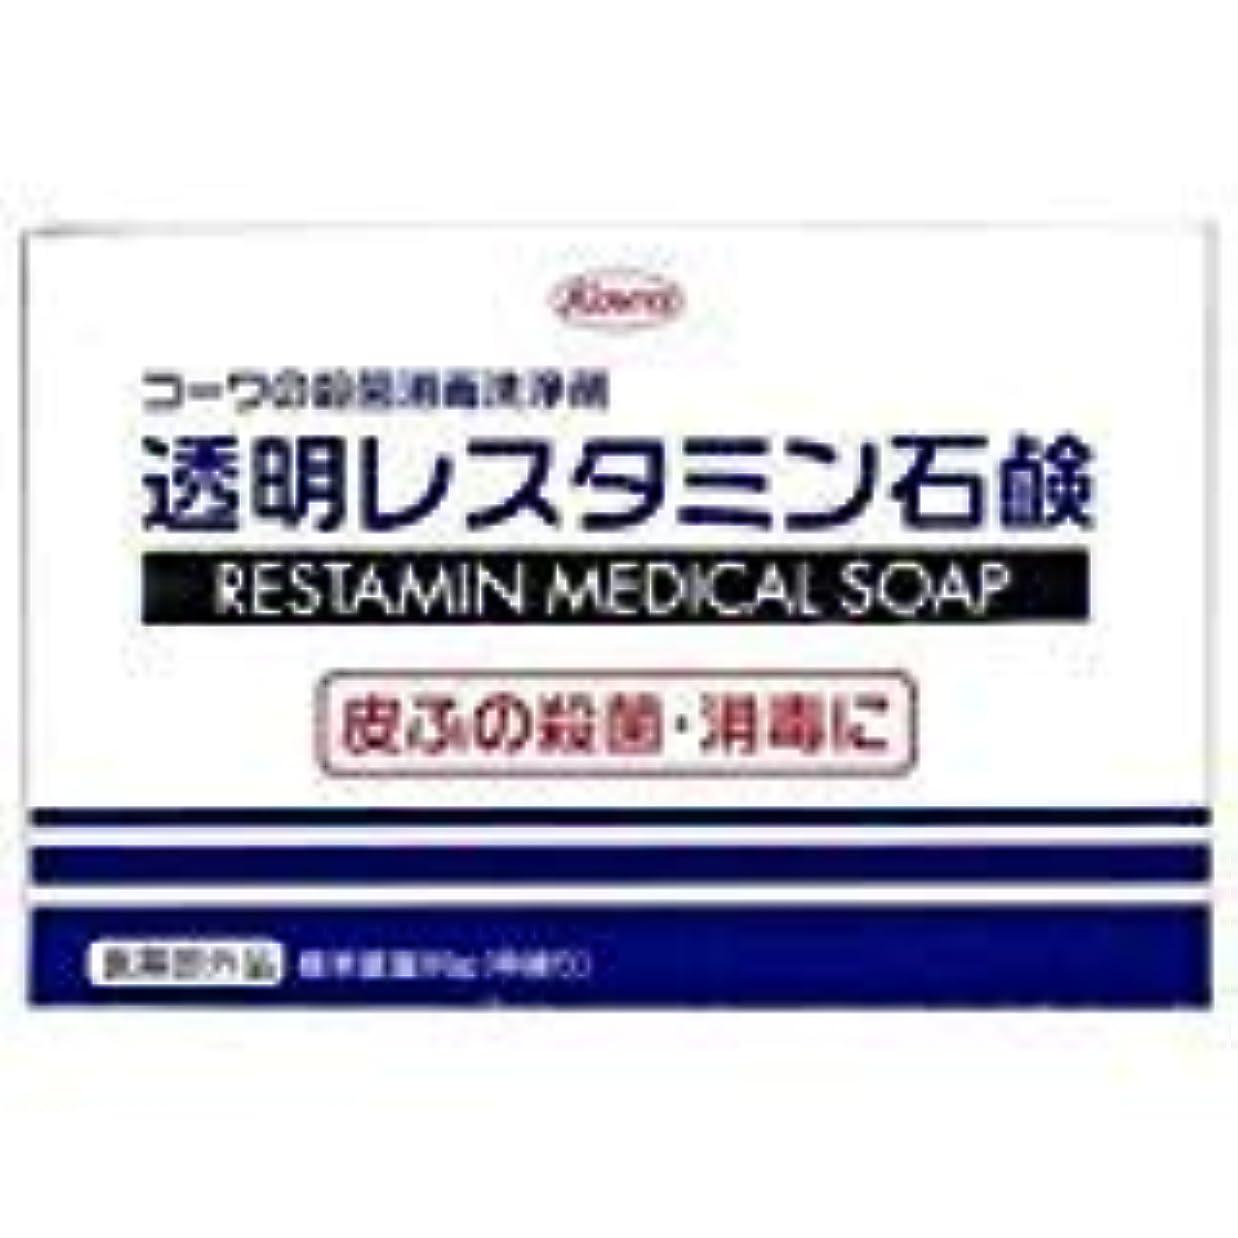 再びクローゼット病院【興和】コーワの殺菌消毒洗浄剤「透明レスタミン石鹸」80g(医薬部外品) ×20個セット